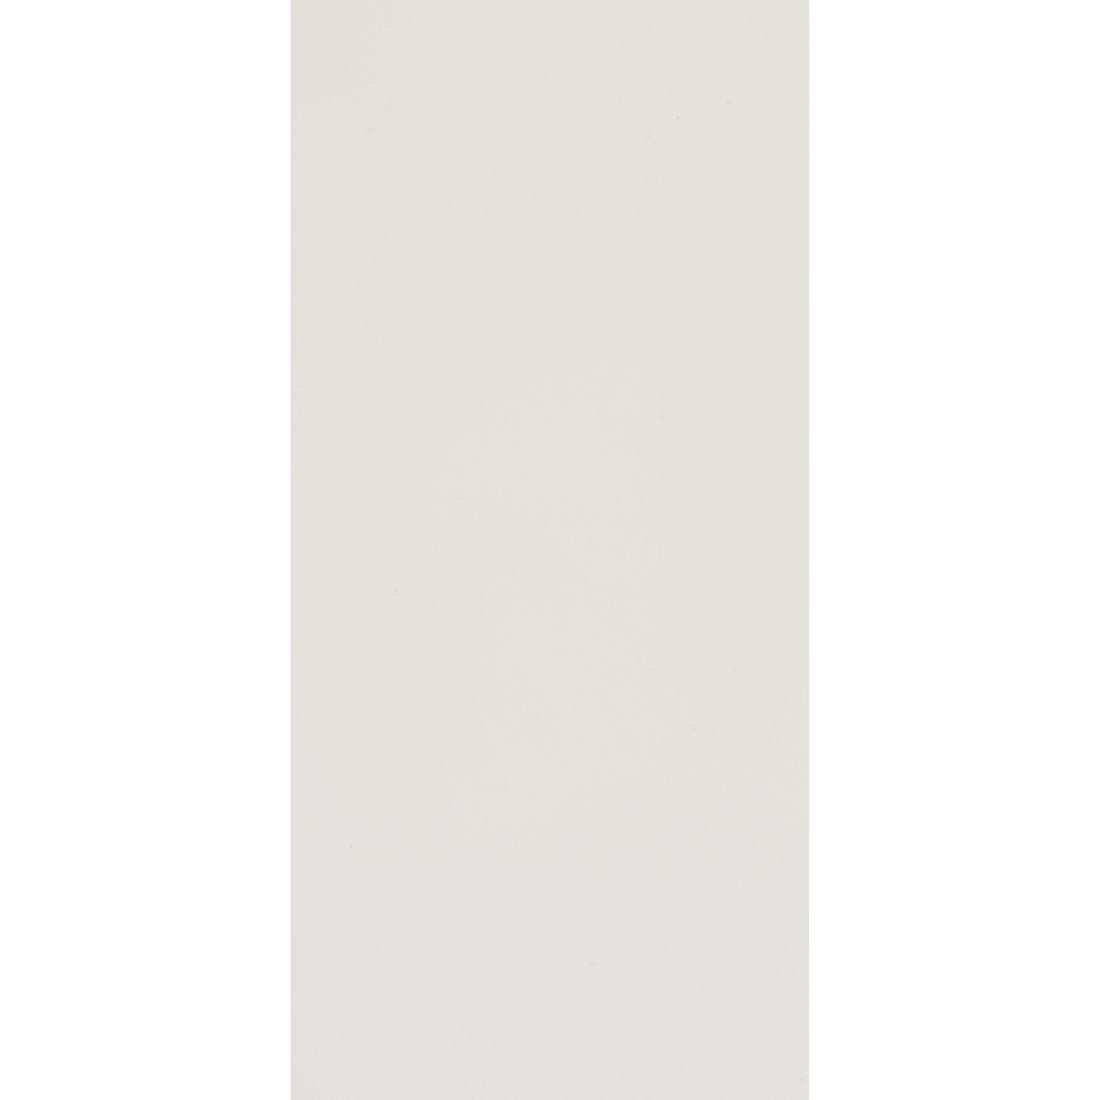 Classic Wall Lining Panel Seafoam Gloss 2400 x 1200 x 4.5mm